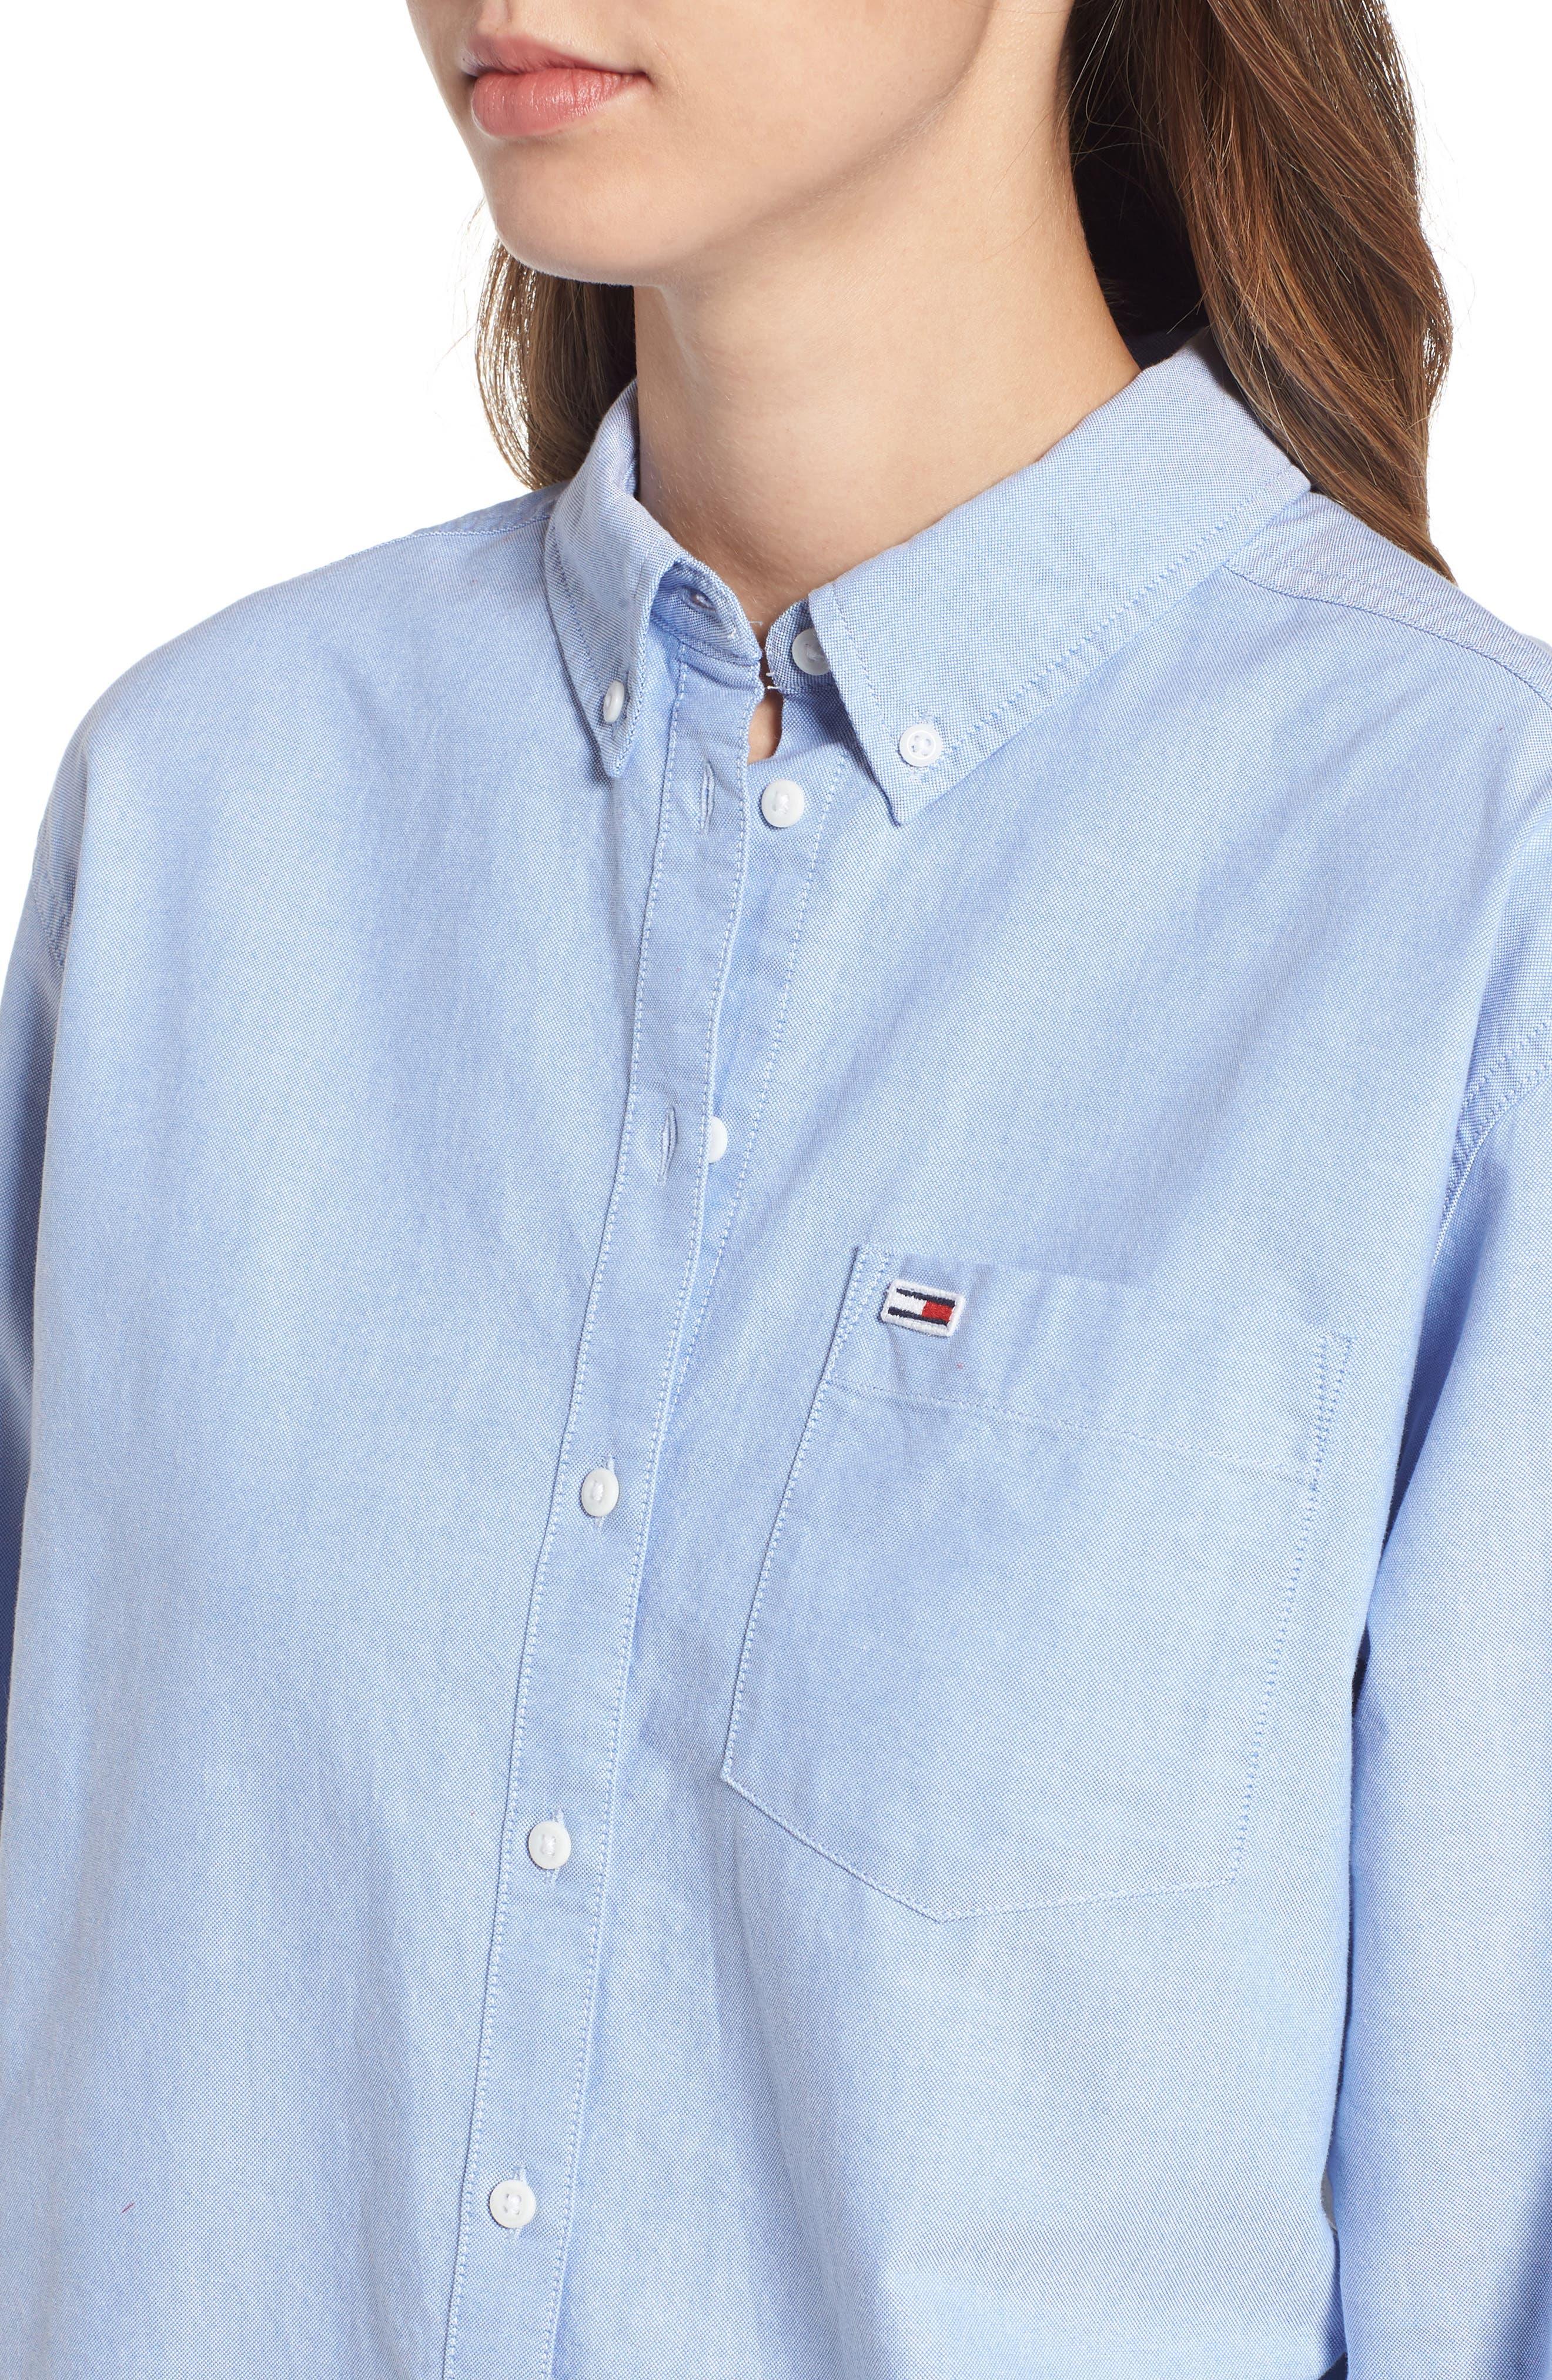 Classics Shirt,                             Alternate thumbnail 4, color,                             LIGHT BLUE